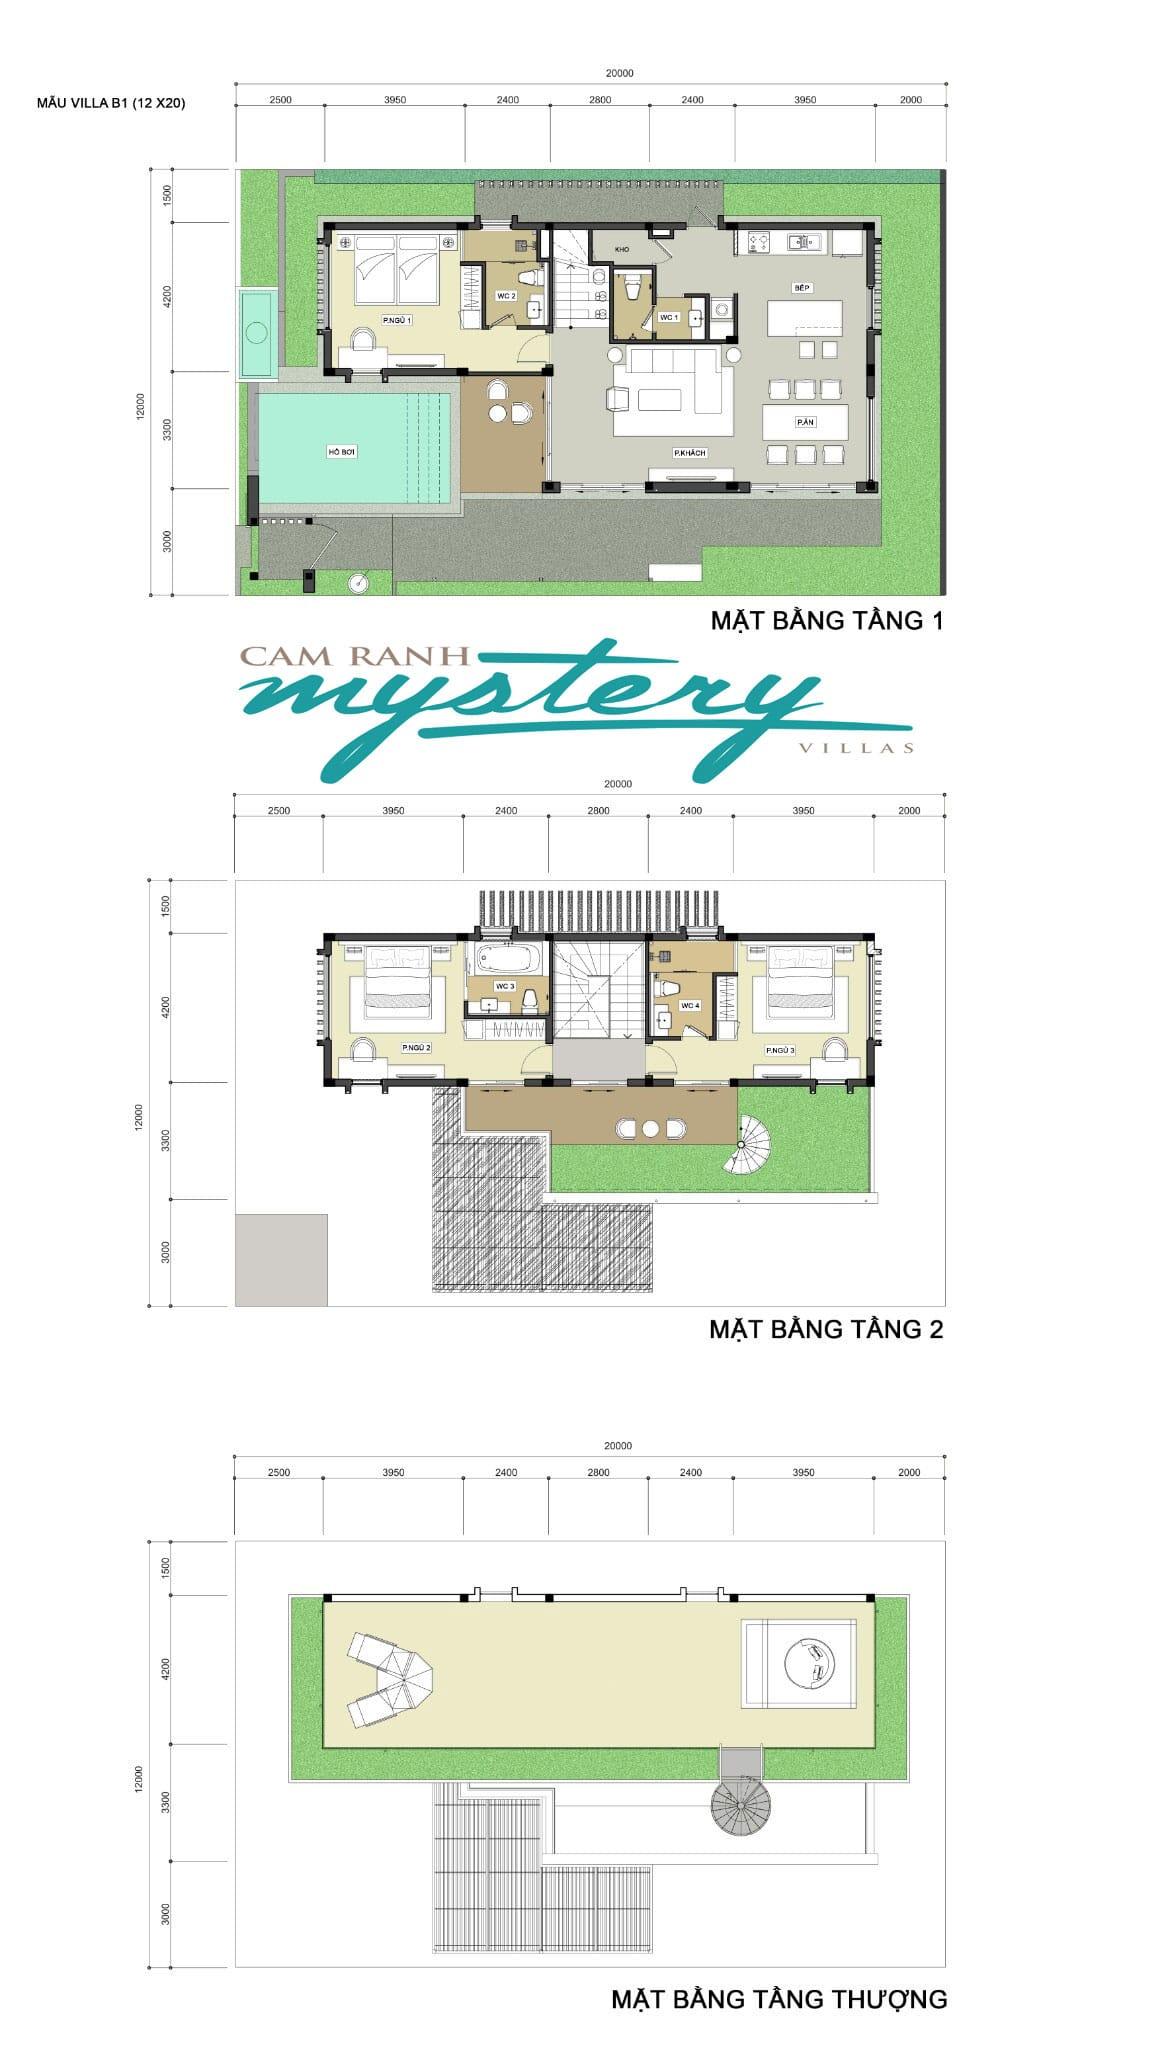 Thiết kế mẫu biệt thự Cam Ranh Mystery Villas